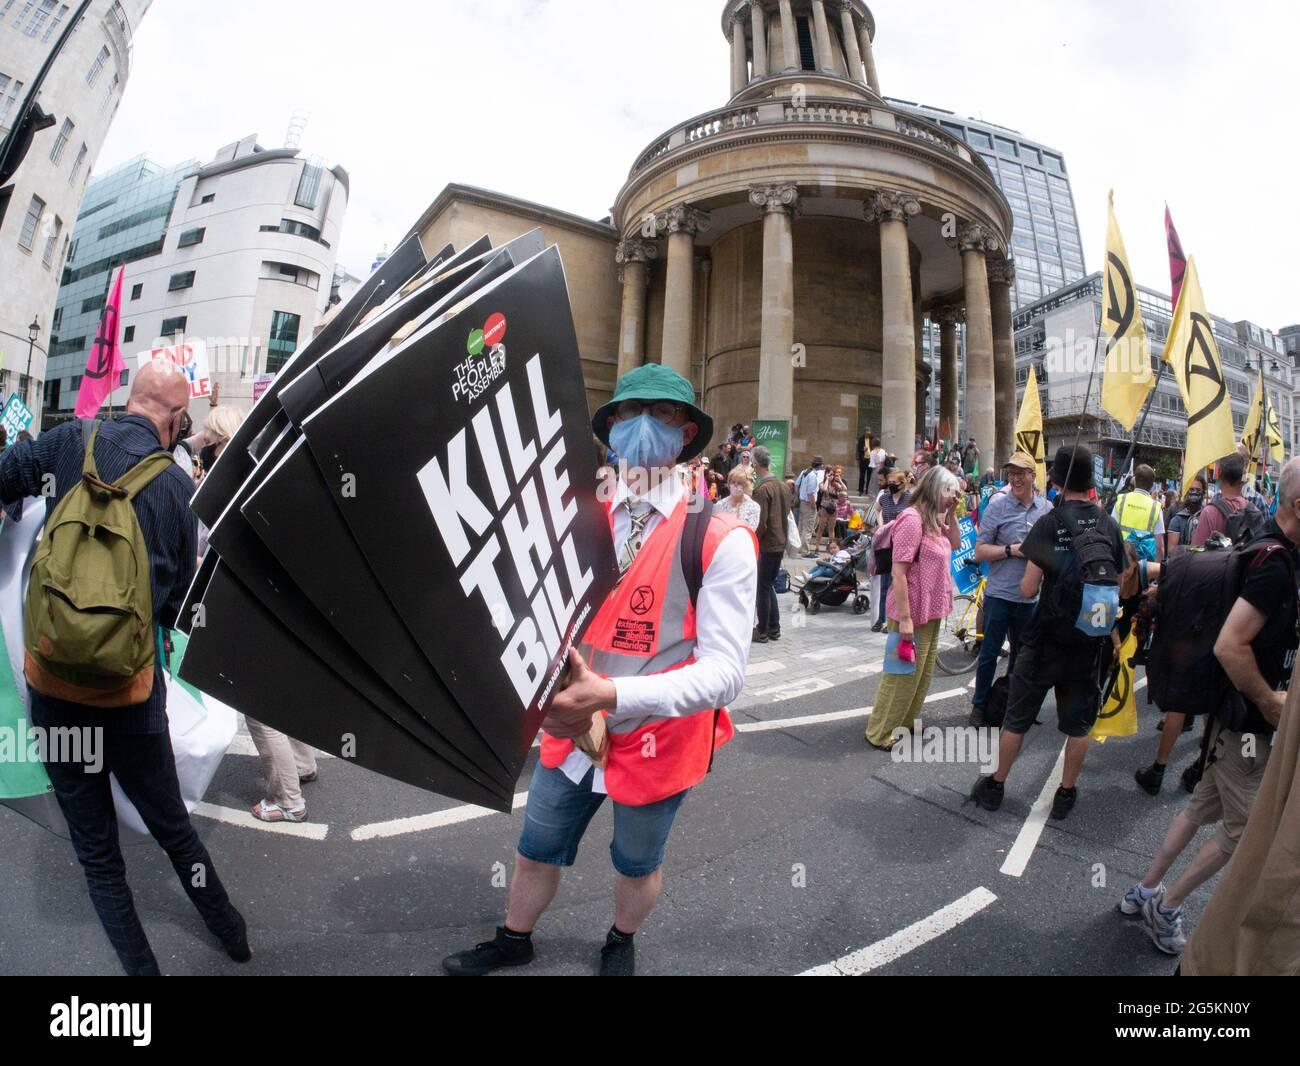 Protestas en Londres, activistas protestan en el centro de Londres en la Demostración Nacional de la Asamblea Popular, con el protestor sosteniendo pancartas Kill the Bill. El proyecto de ley de la PCSC sobre la policía, el delito, las sentencias y los tribunales otorga nuevos poderes y normas policiales sobre la delincuencia y la justicia en Inglaterra y Gales Foto de stock